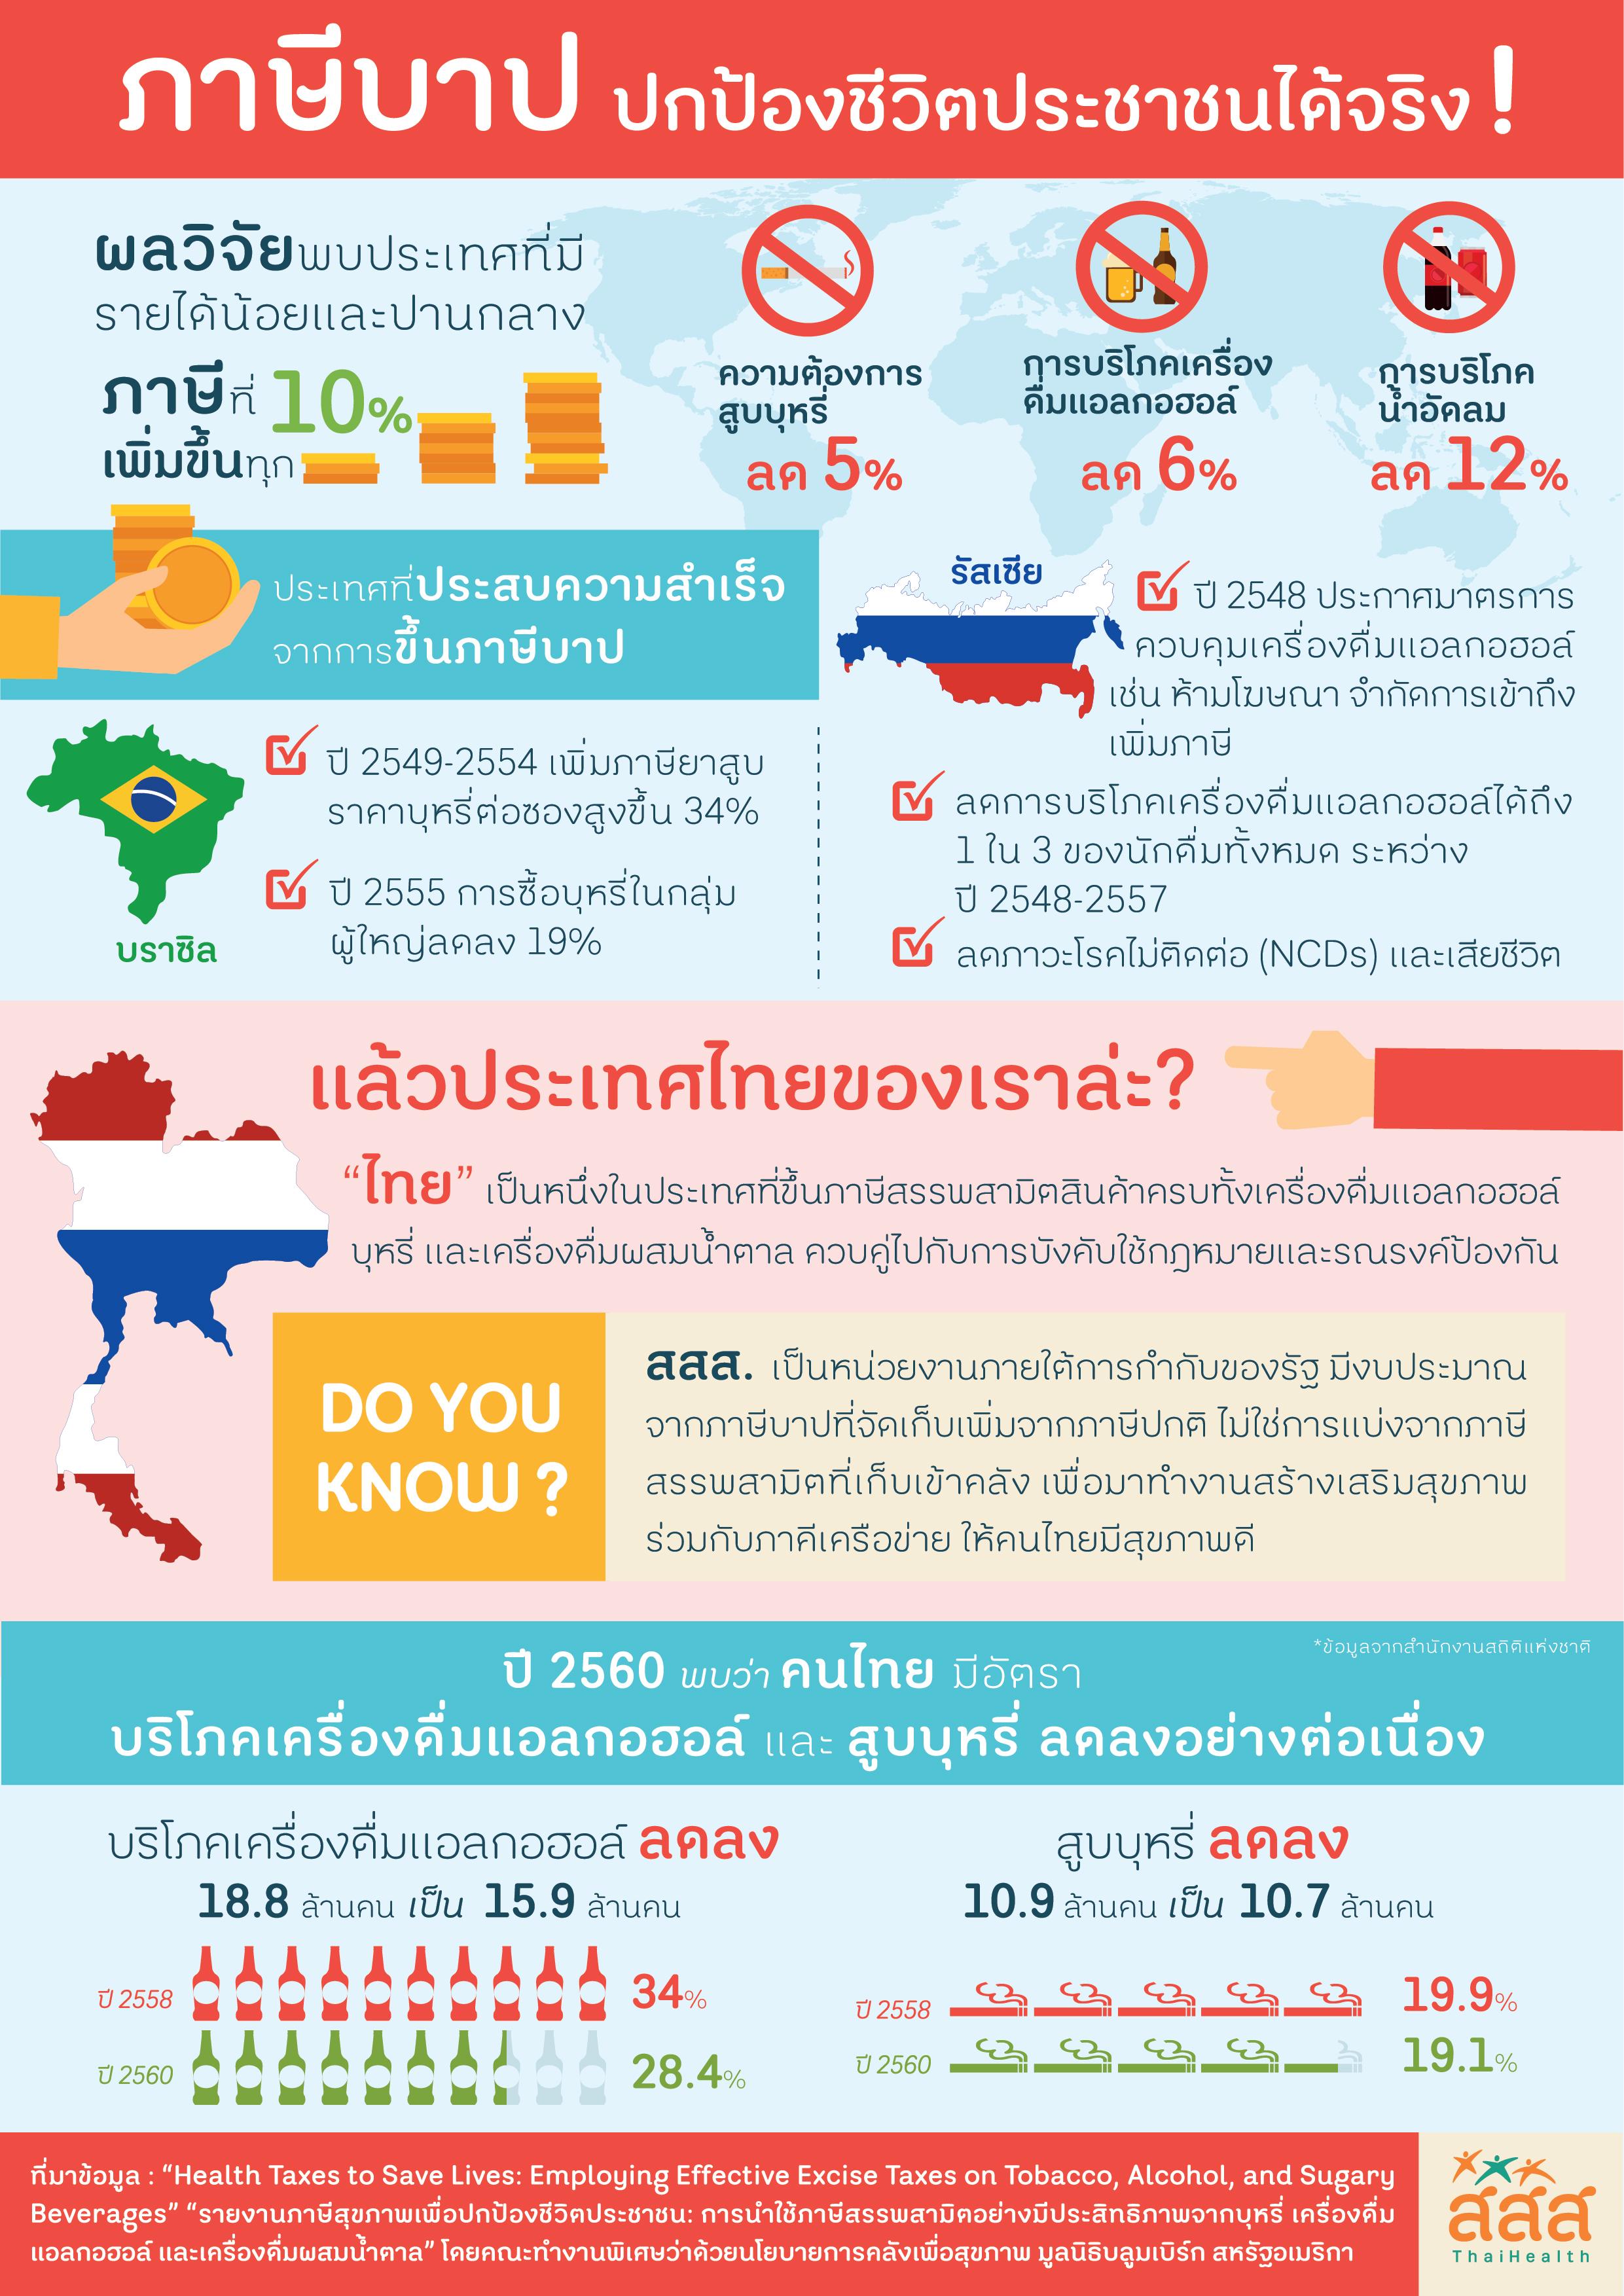 ภาษีบาป ปกป้องชีวิตประชาชนได้จริง thaihealth